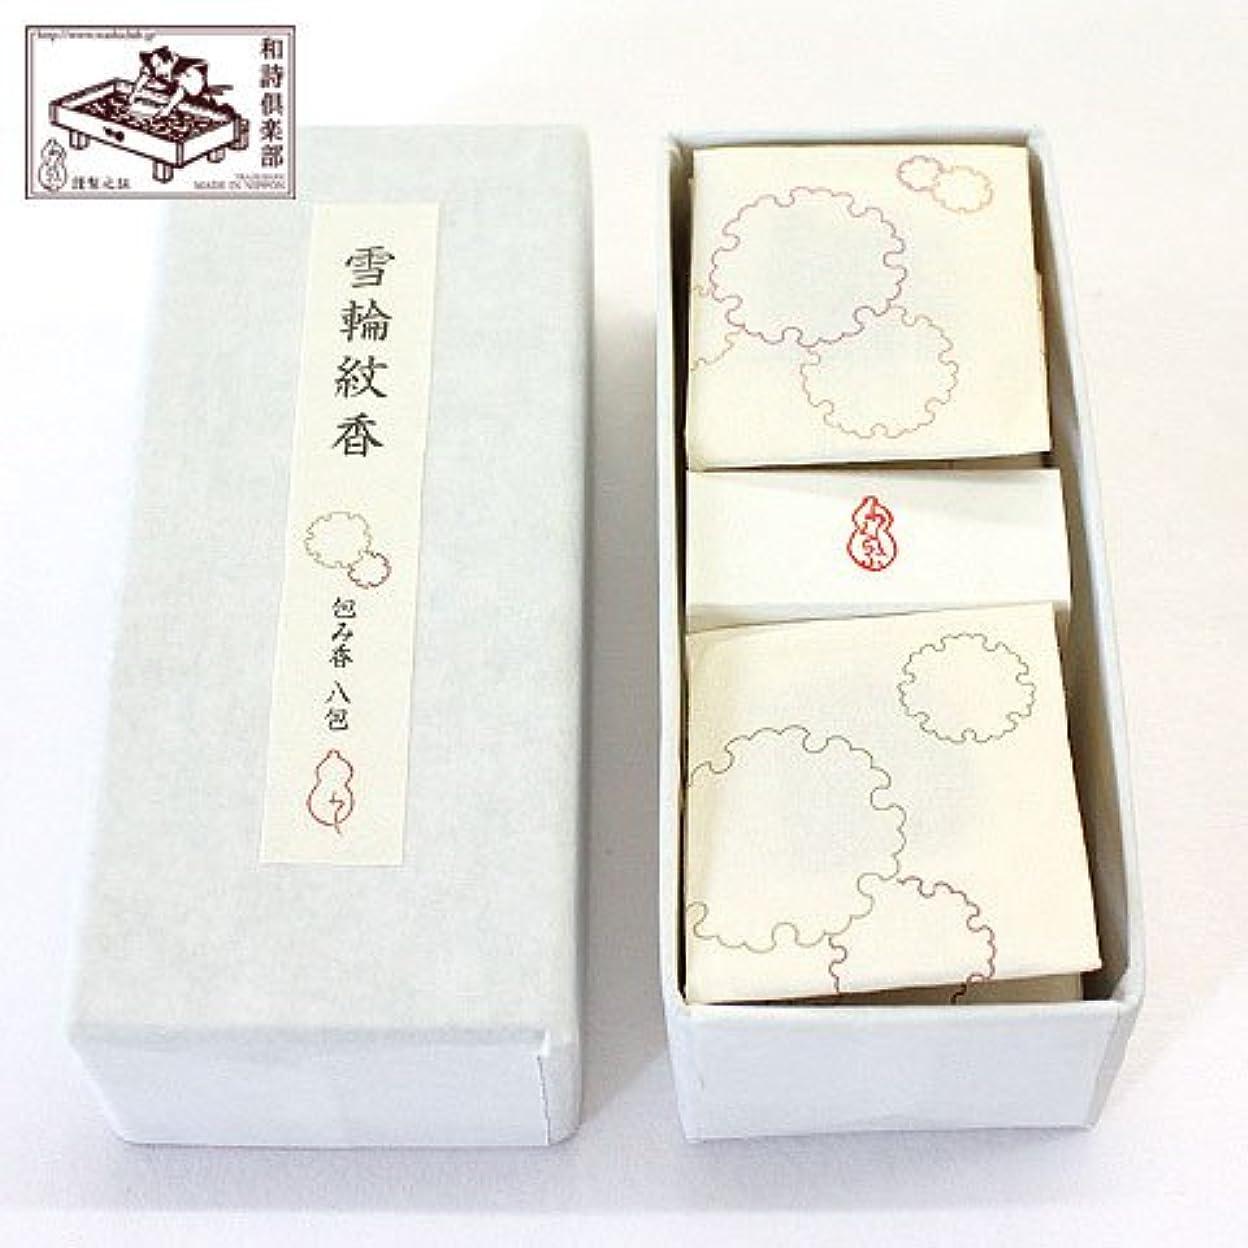 隔離半円集中文香包み香雪輪紋香 (TU-017)和詩倶楽部